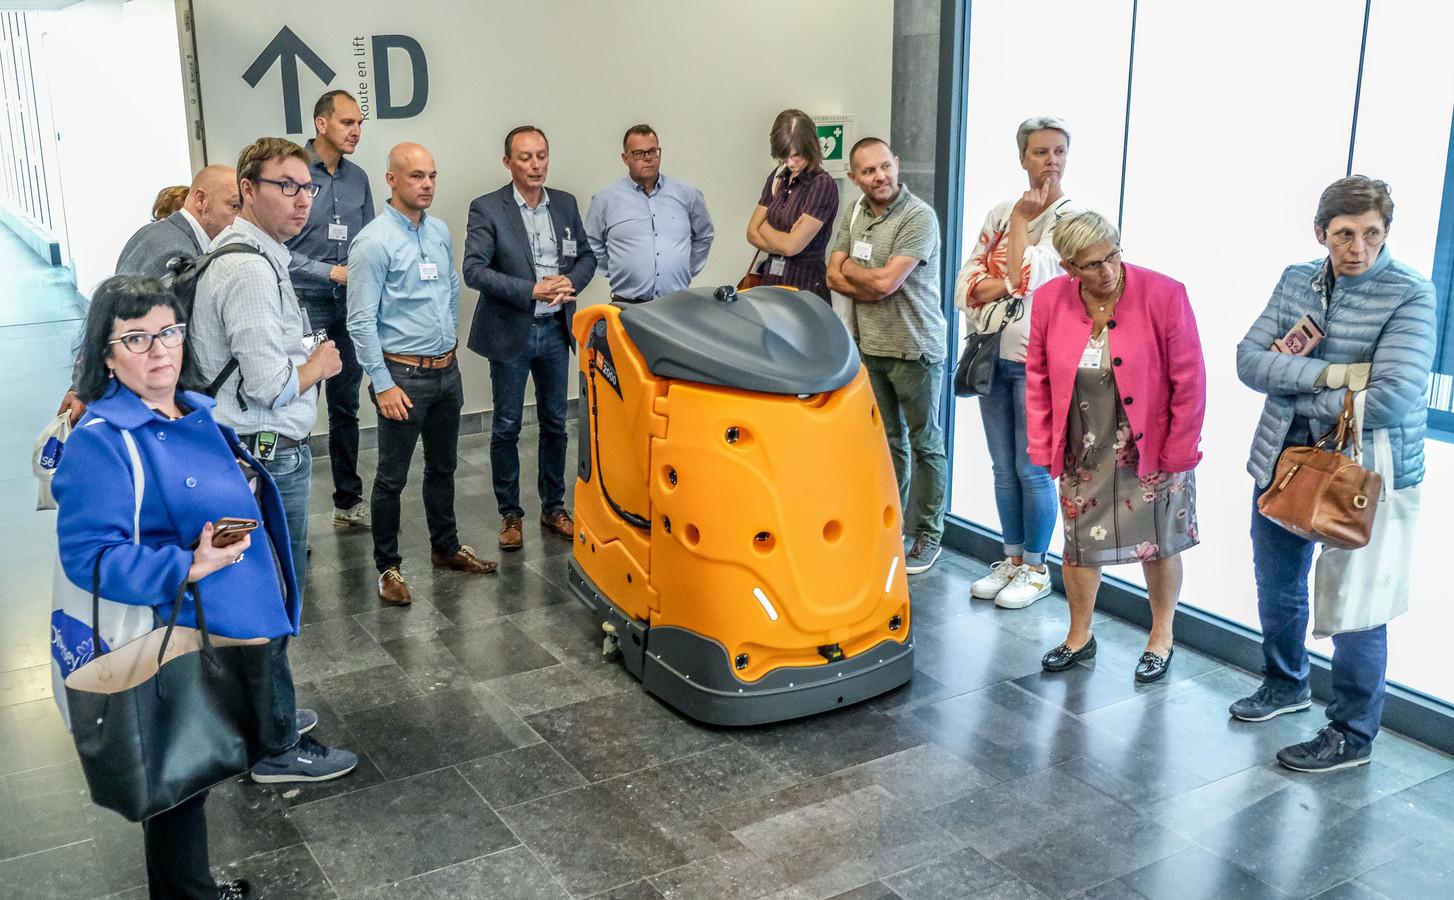 De nieuwe poetsrobot kan op heel wat belangstelling rekenen. Momenteel houdt hij de vloeren schoon in AZ Groeninge in Kortrijk.